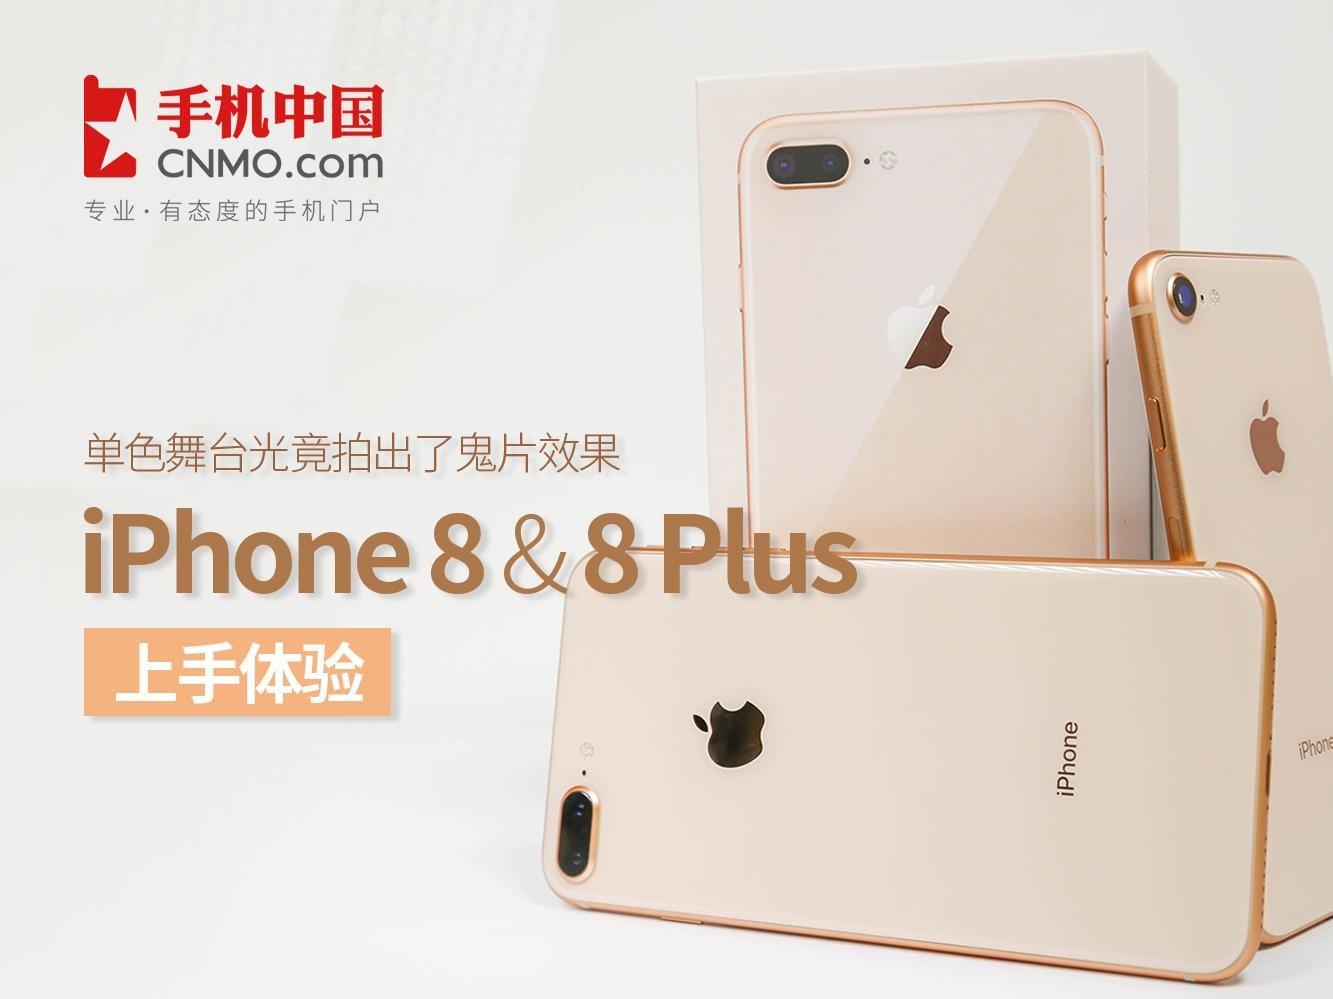 iPhone 8&8Plus上手体验 单色舞台光效果